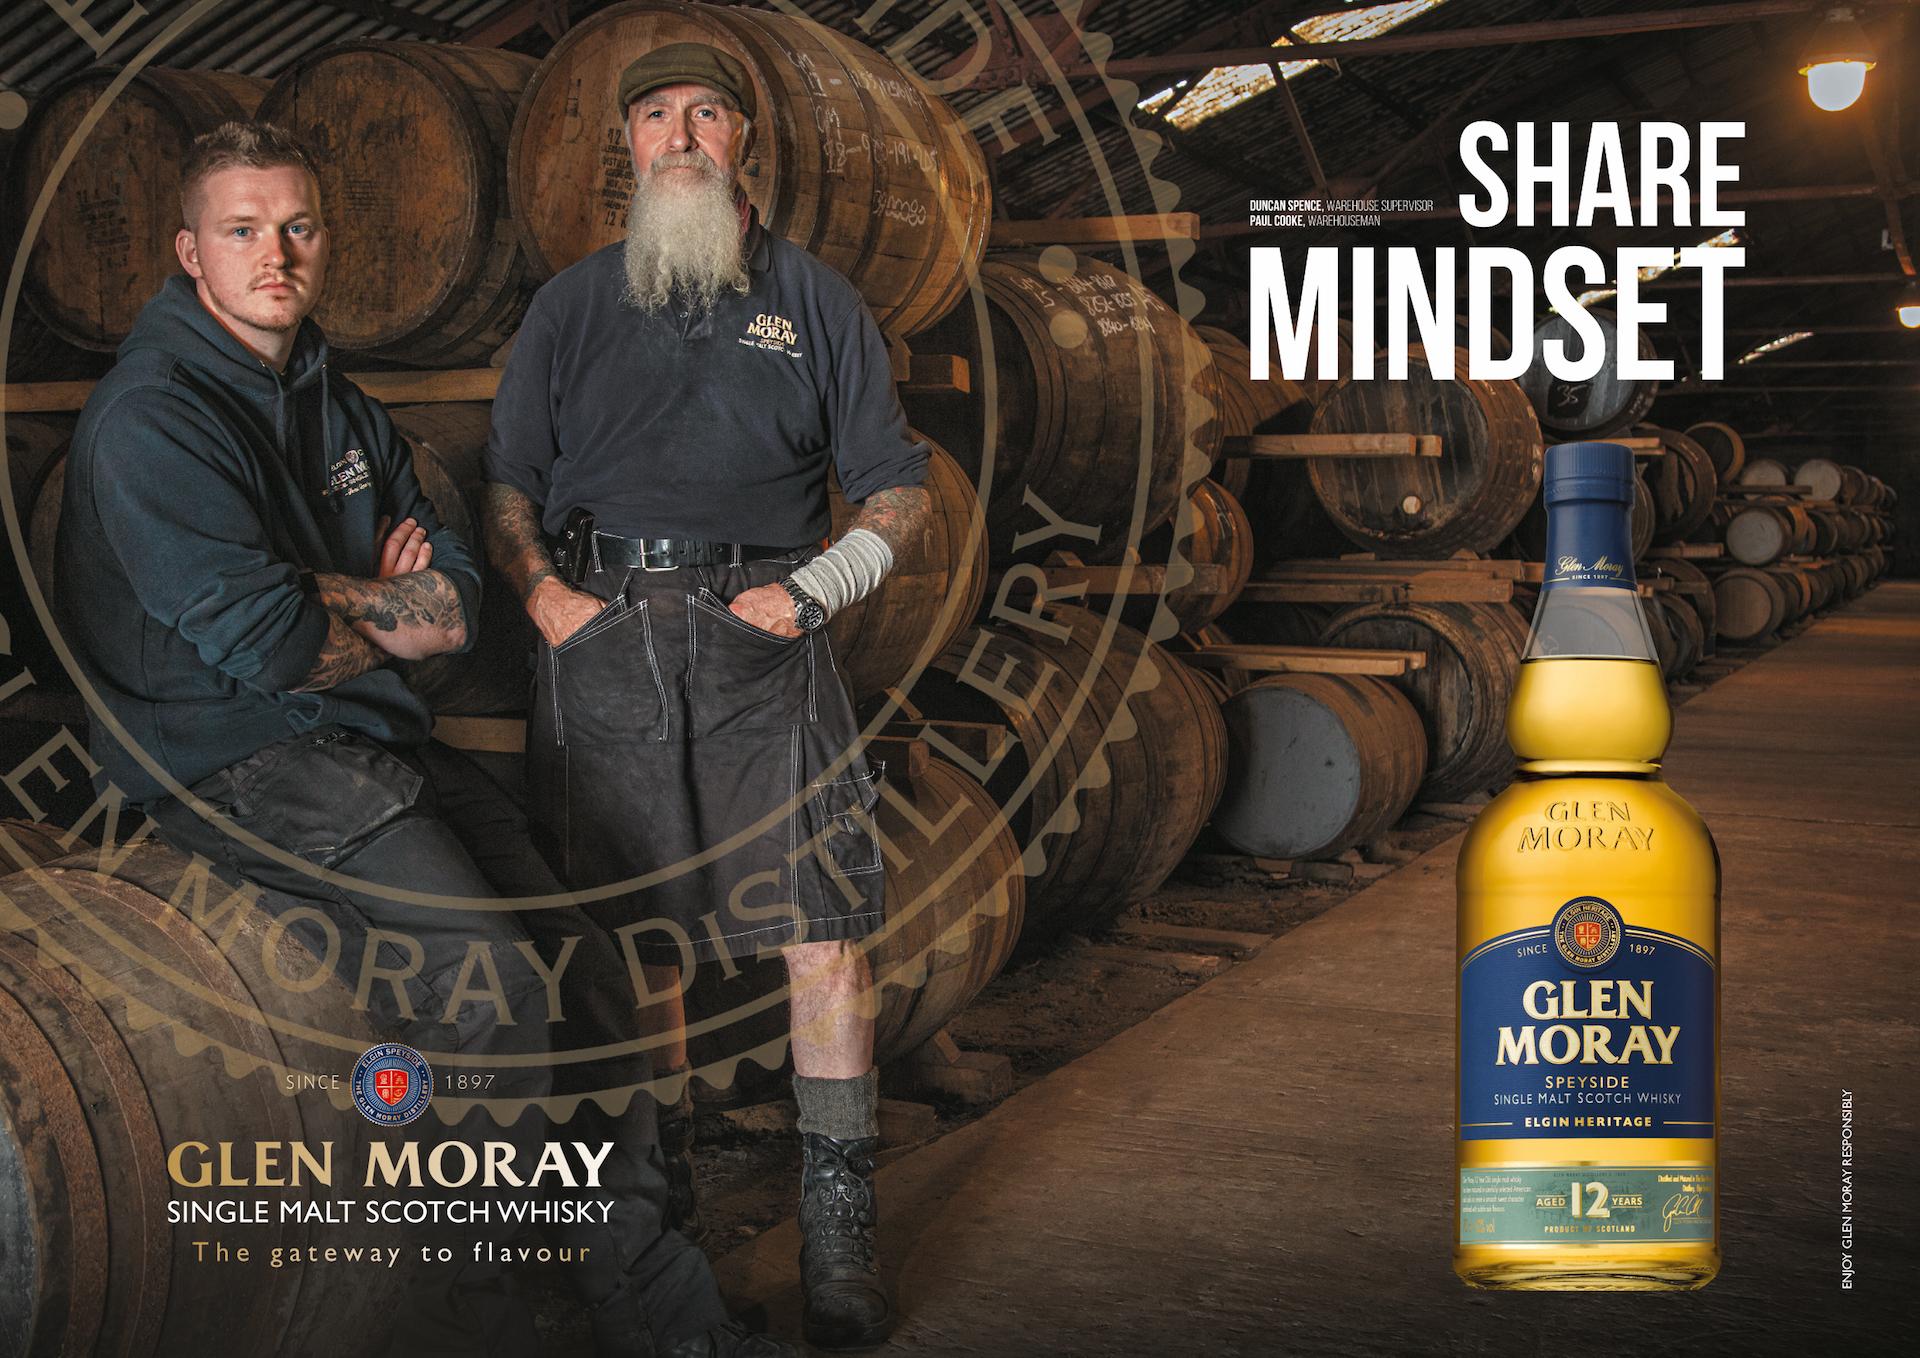 Megusta Glen Moray Share